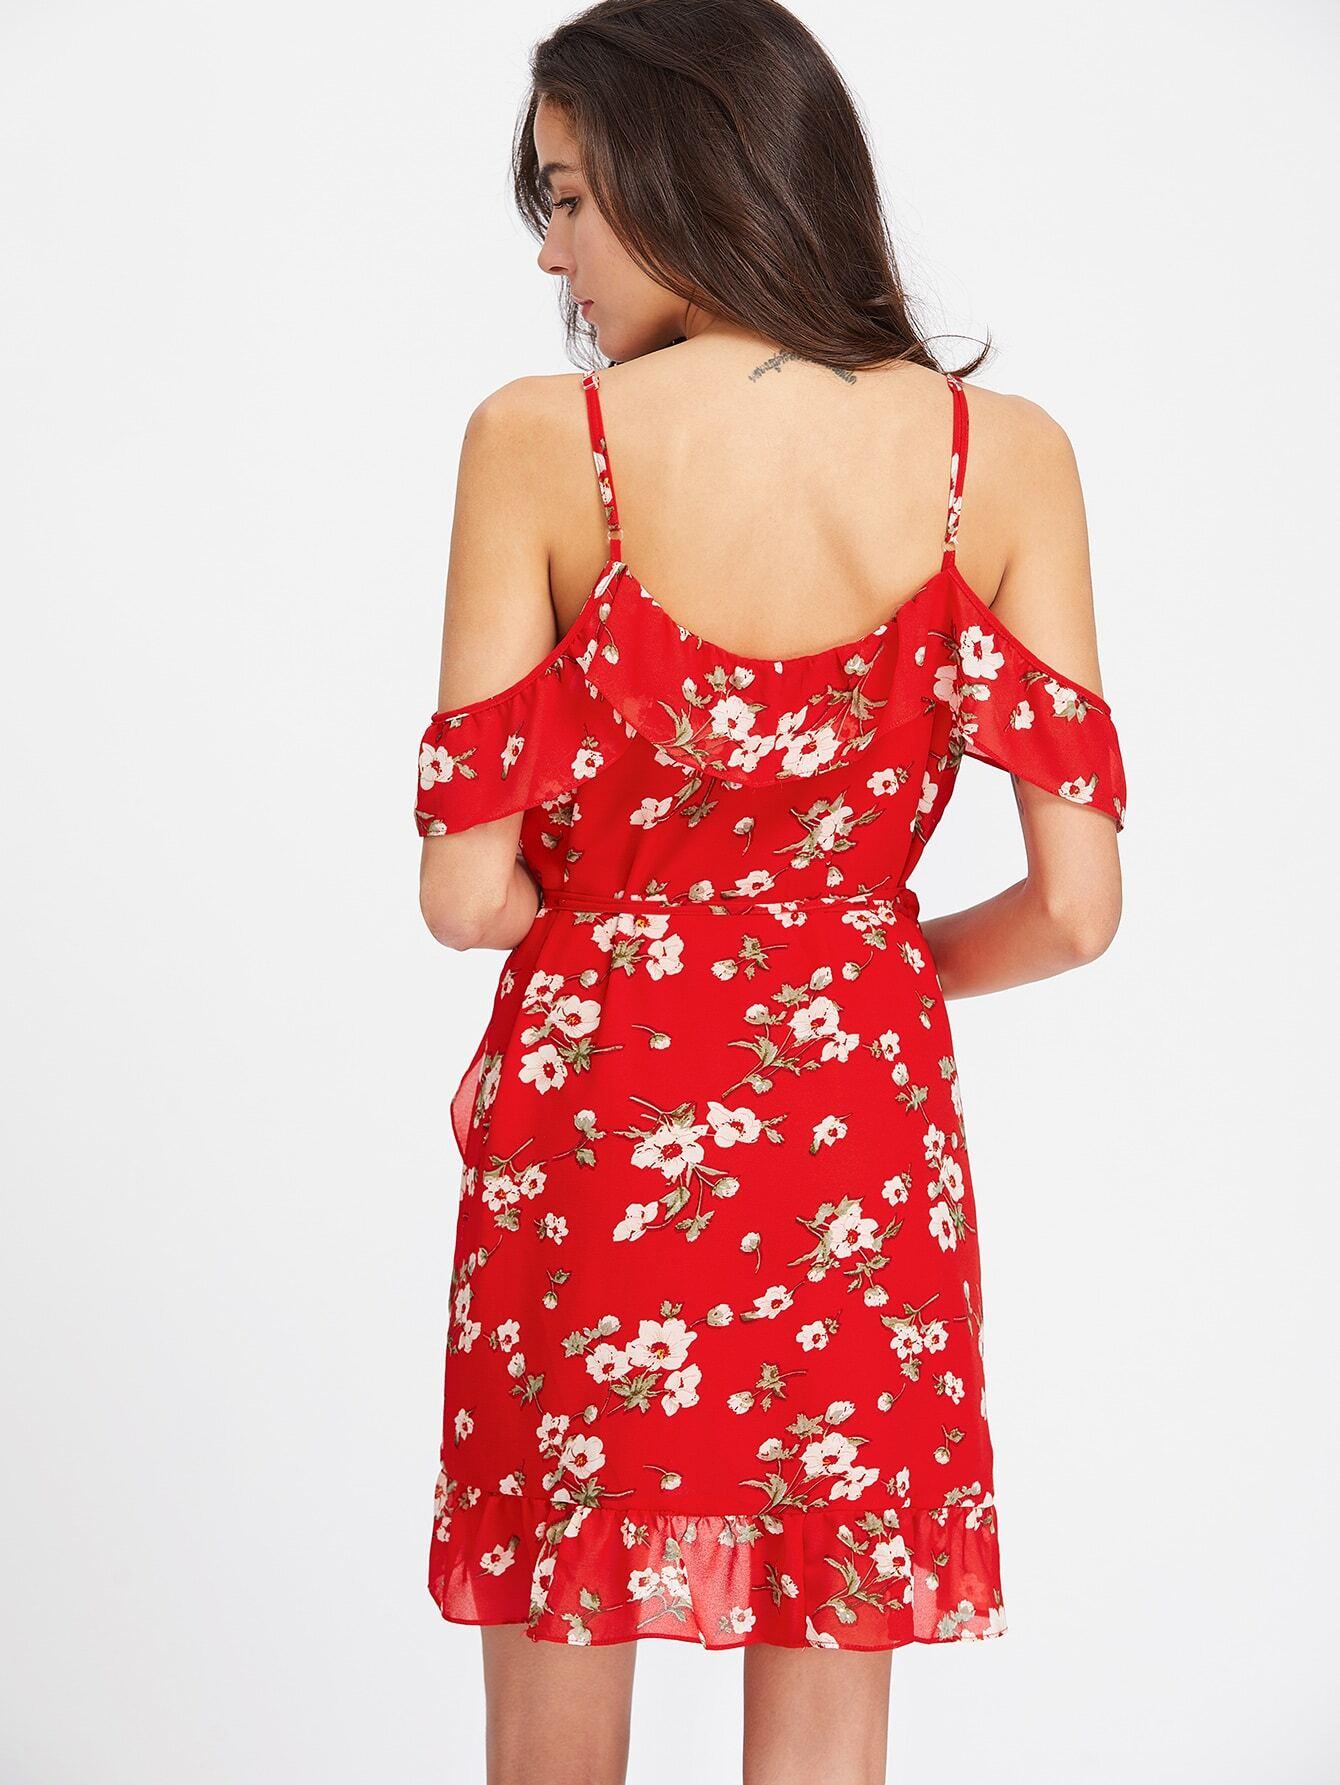 dress170327101_2